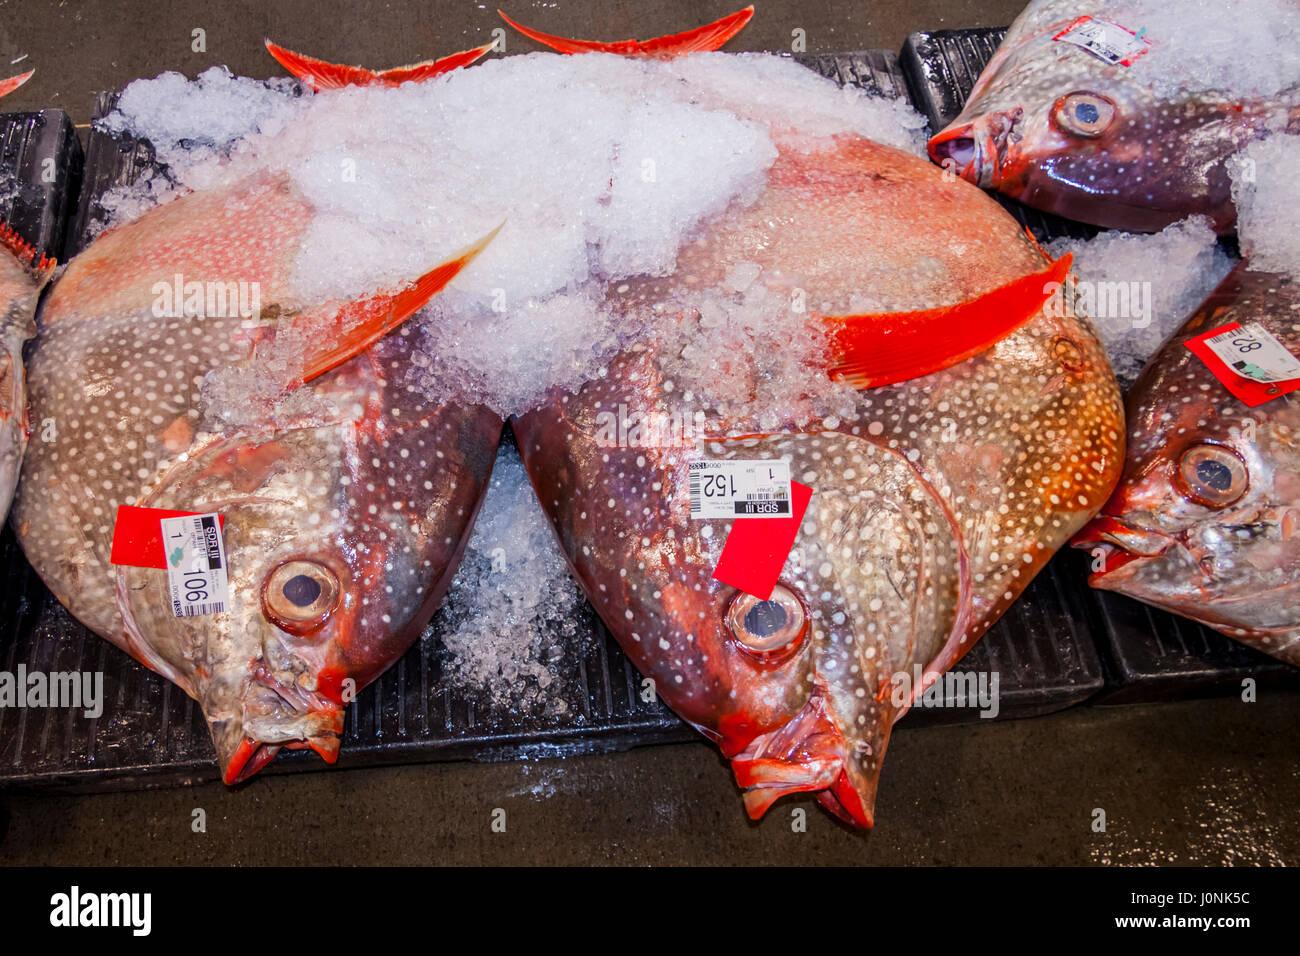 Moonfish bei Fischauktion, Lampris Guttatus, Hawaii, USA Stockfoto